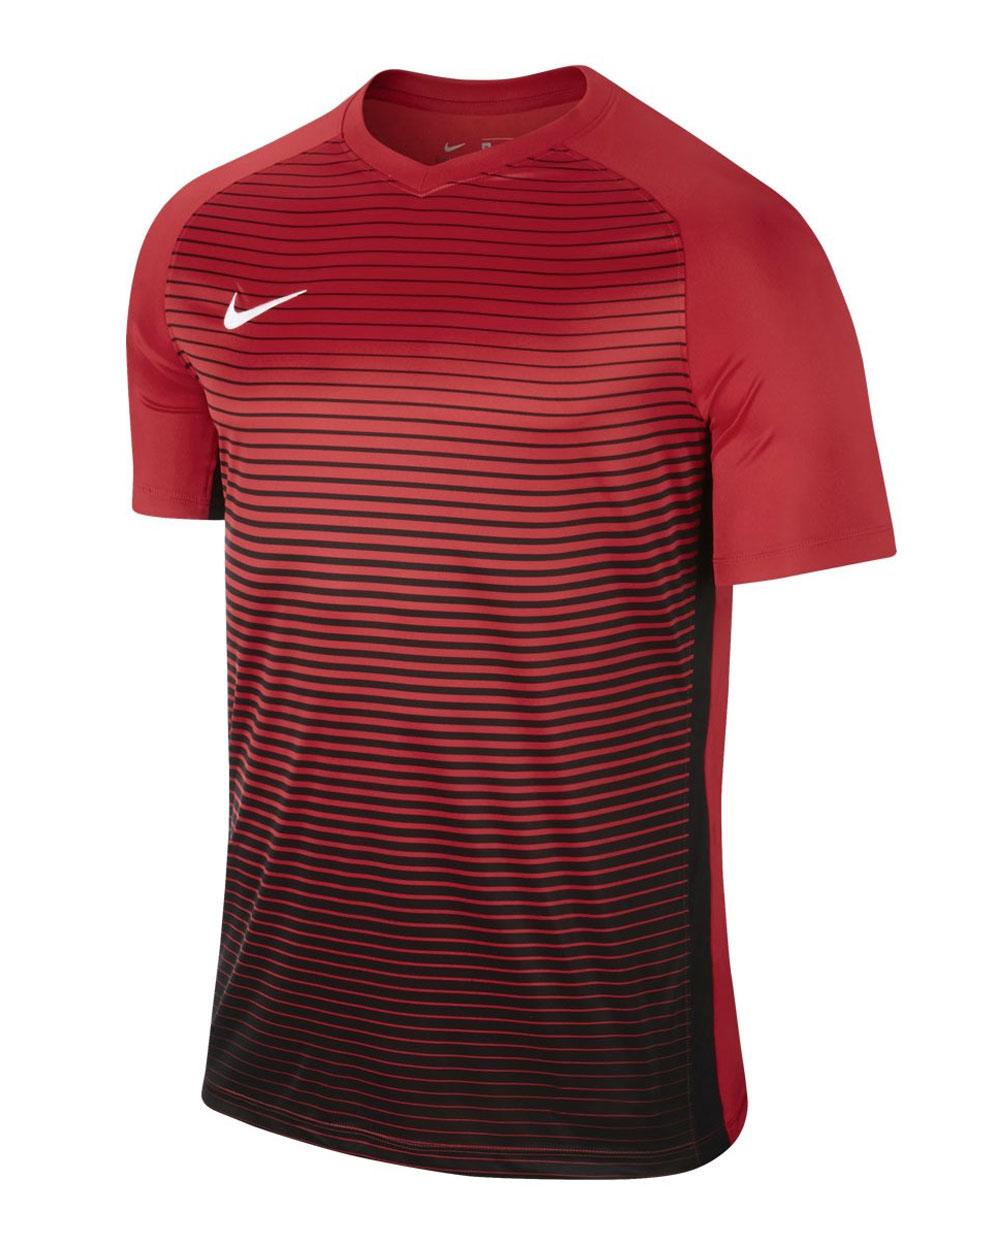 calidad autentica precio de fábrica venta de bajo precio CAMISETA NIKE FUTBOL PRECISION IV ROJA Y NEGRA - - Camisetas